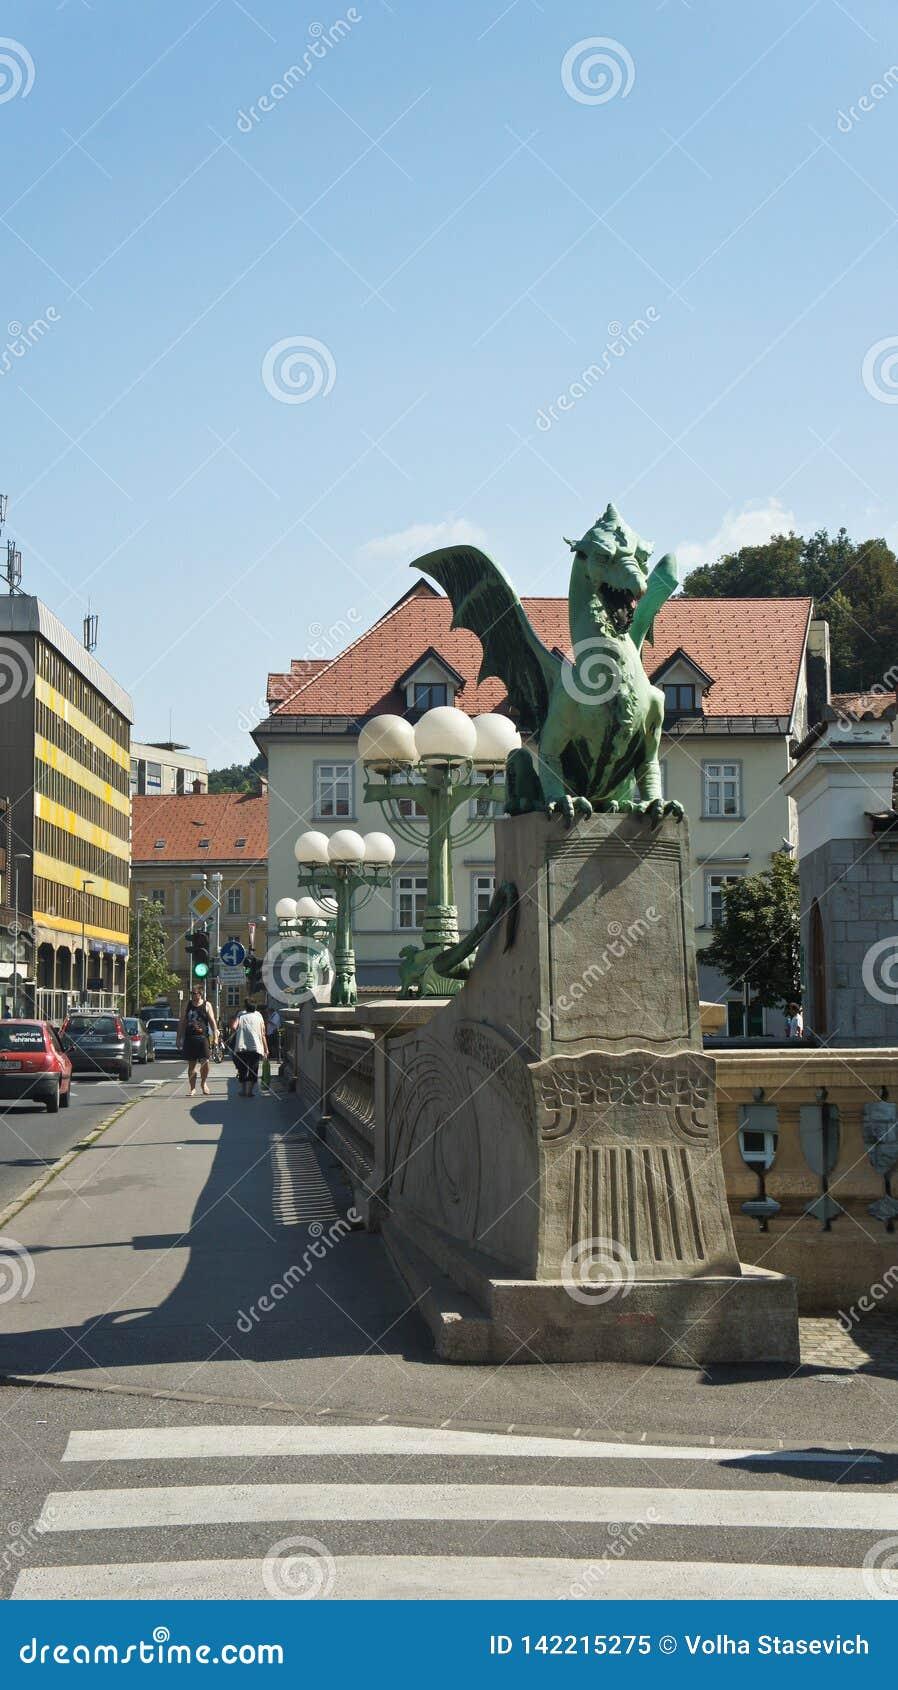 Любляна, Словения - 07/17/2015 - взгляд статуи на мосте дракона над рекой Ljubljanica, солнечный день